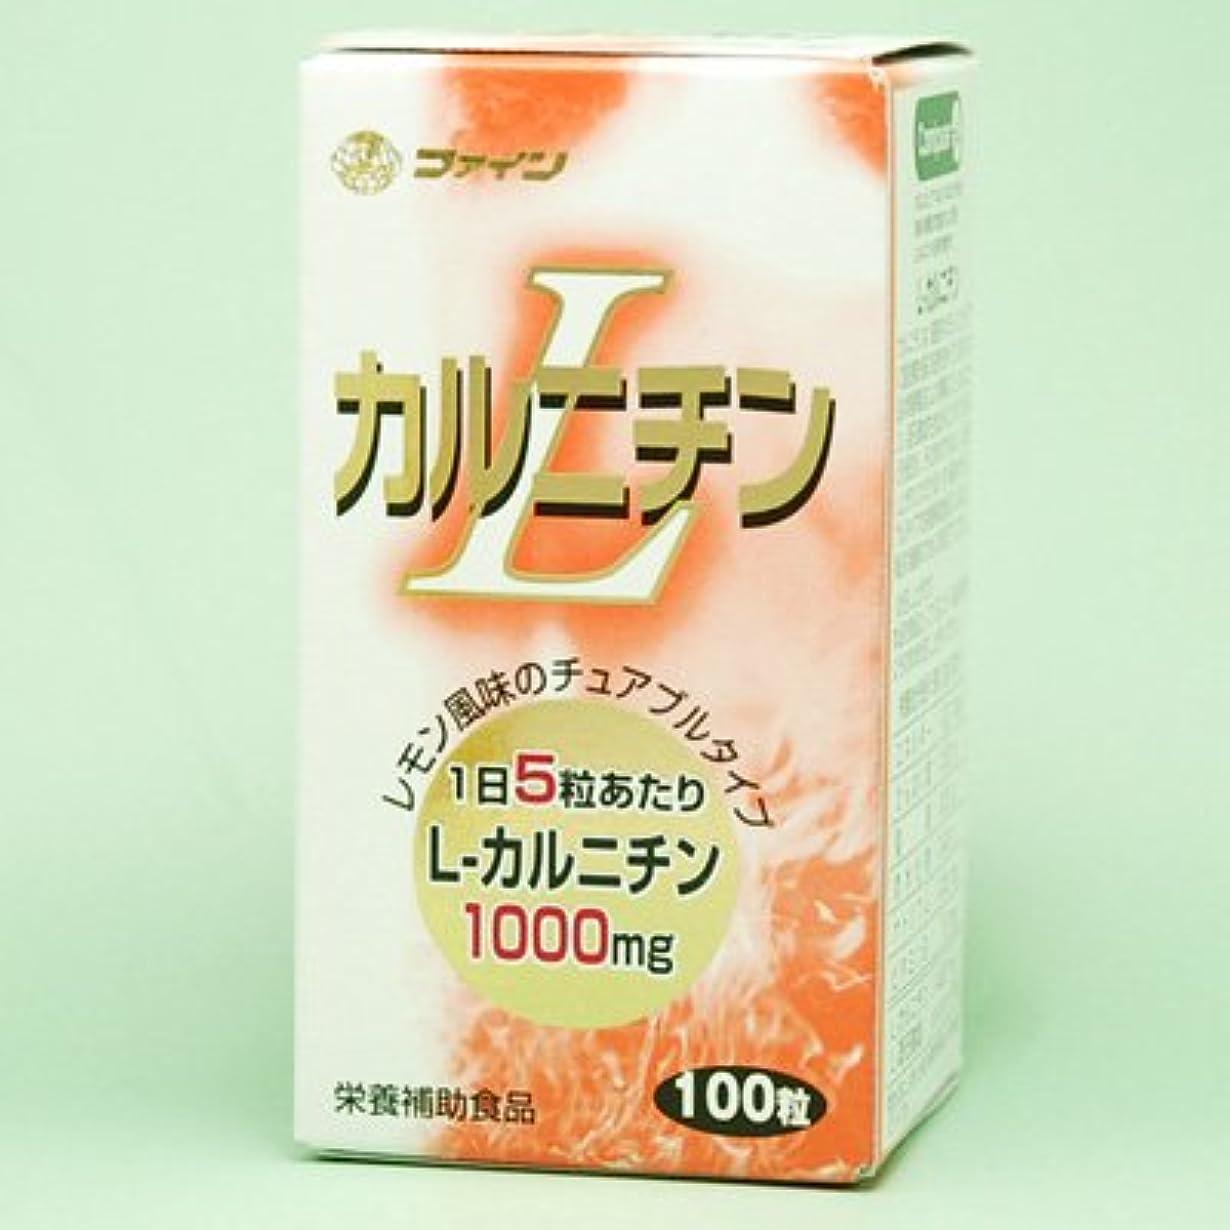 バトルシュリンク座るファイン L-カルニチン 100粒 (#677390) ×8個セット